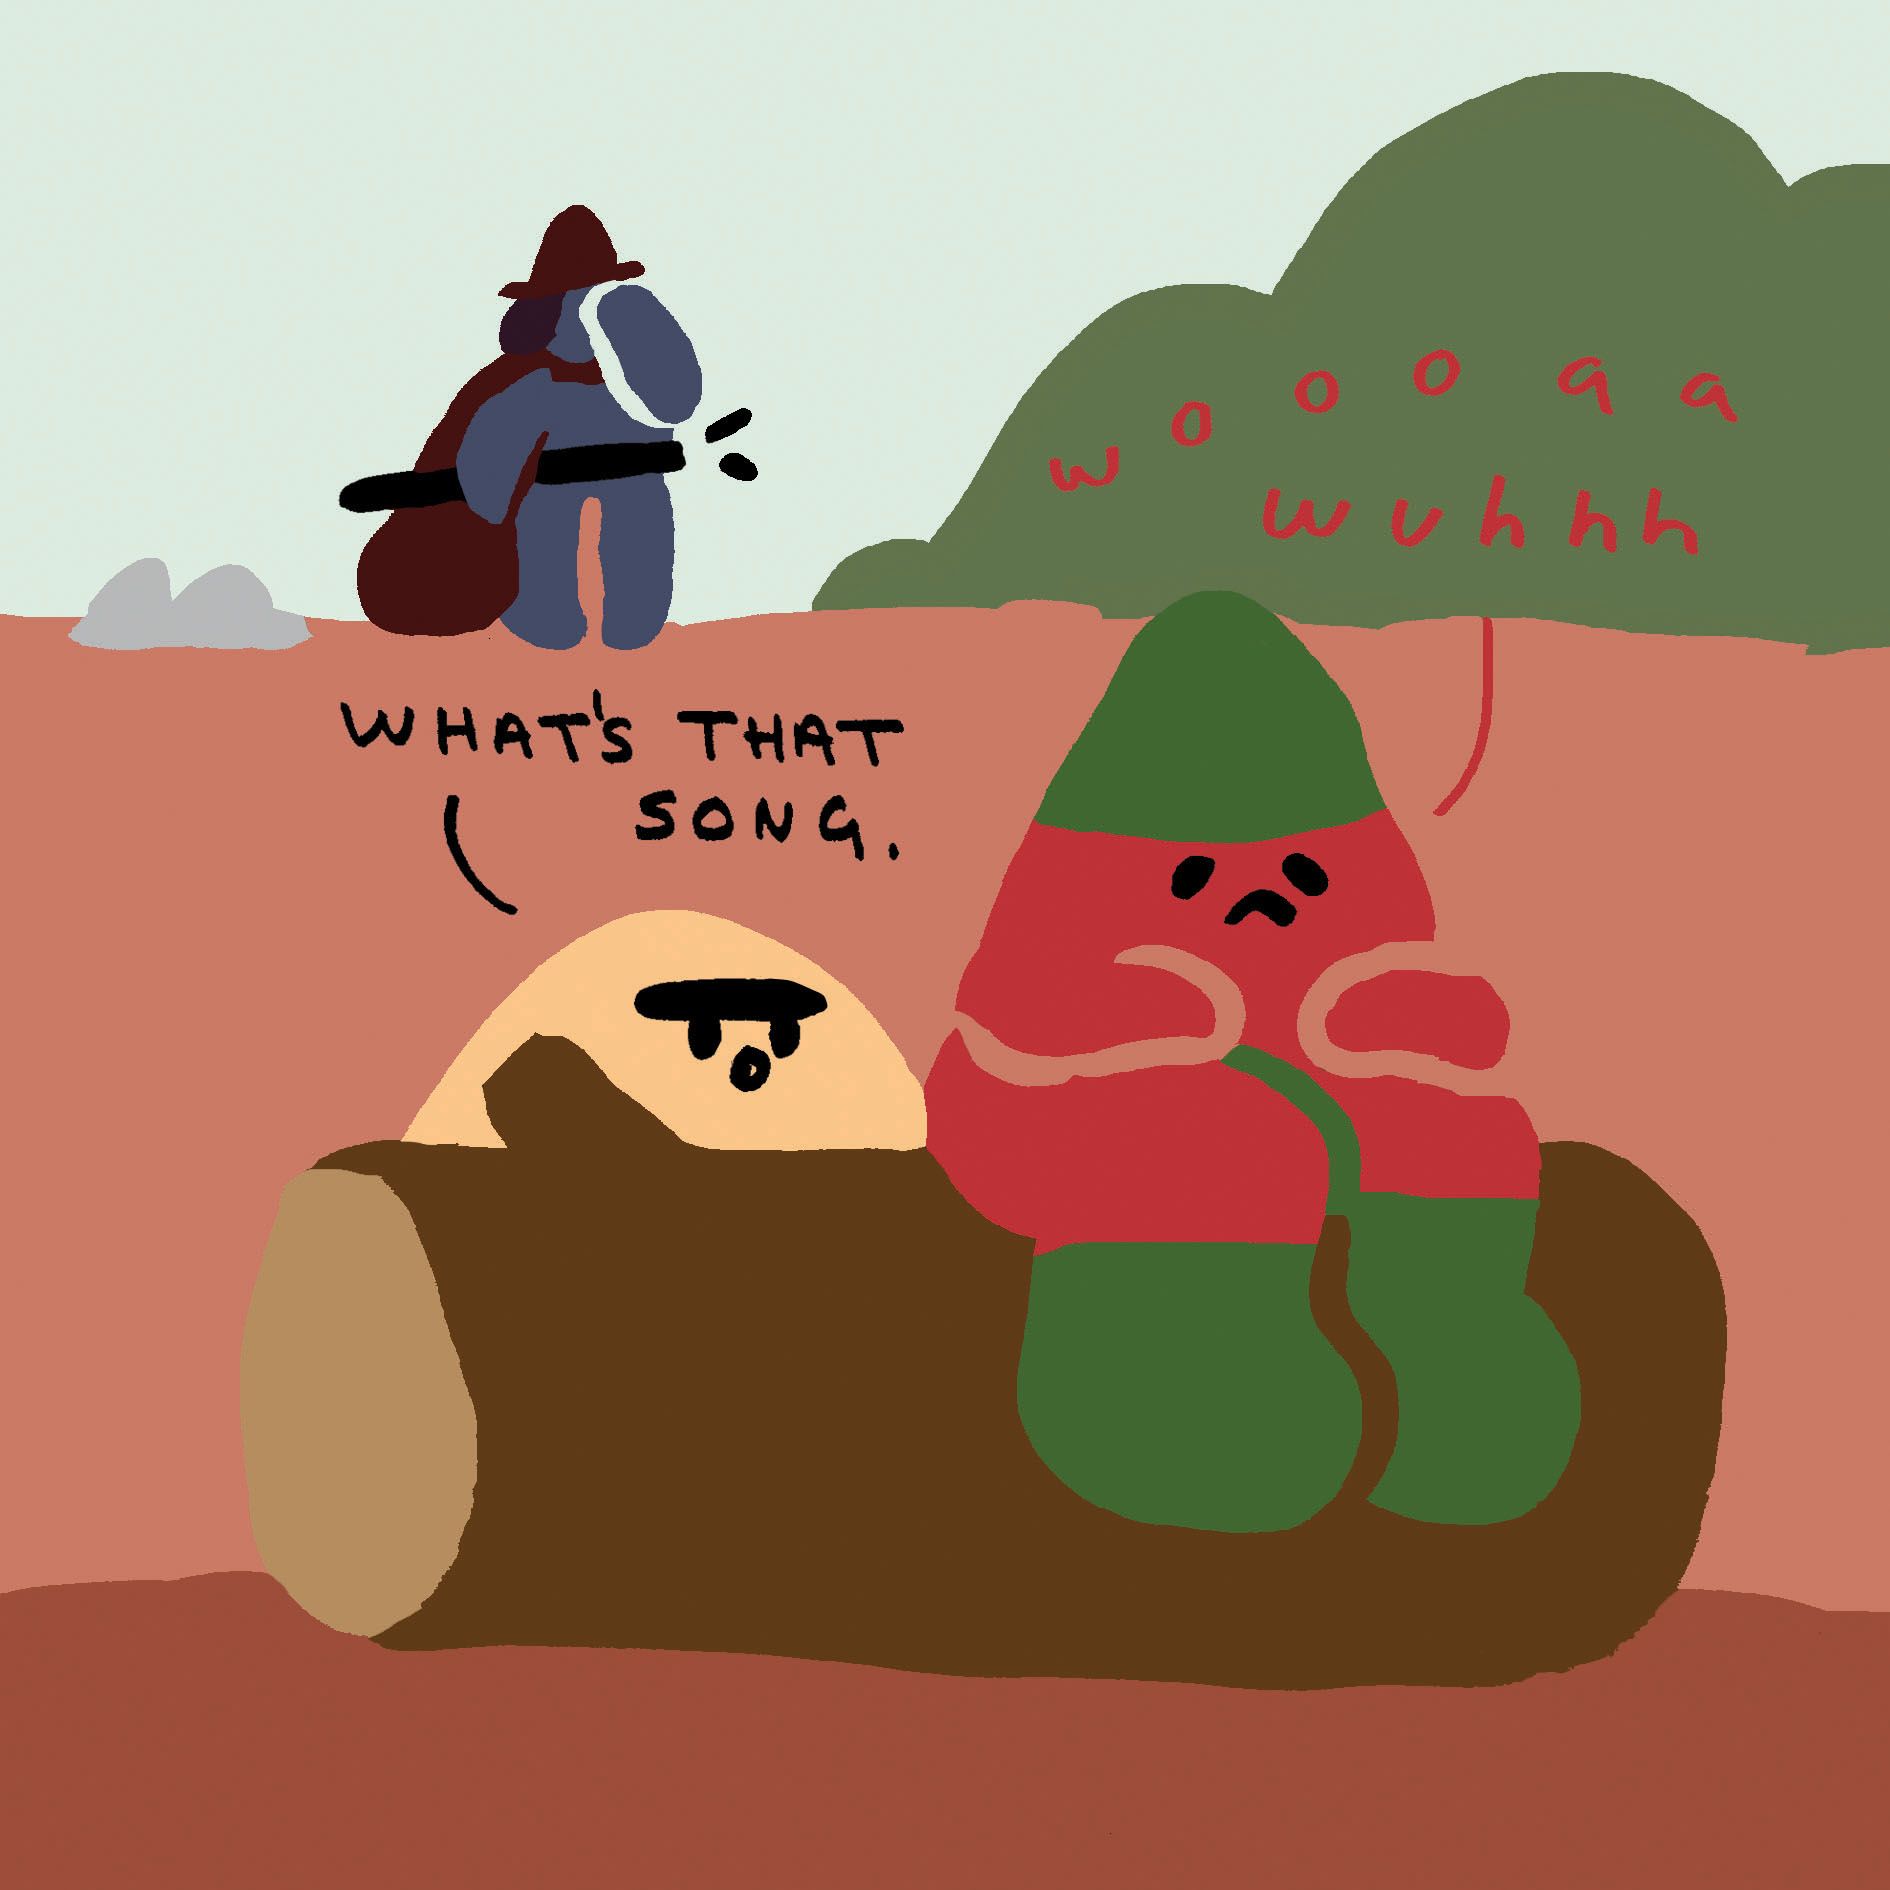 sad gnome 003 web prev.jpg